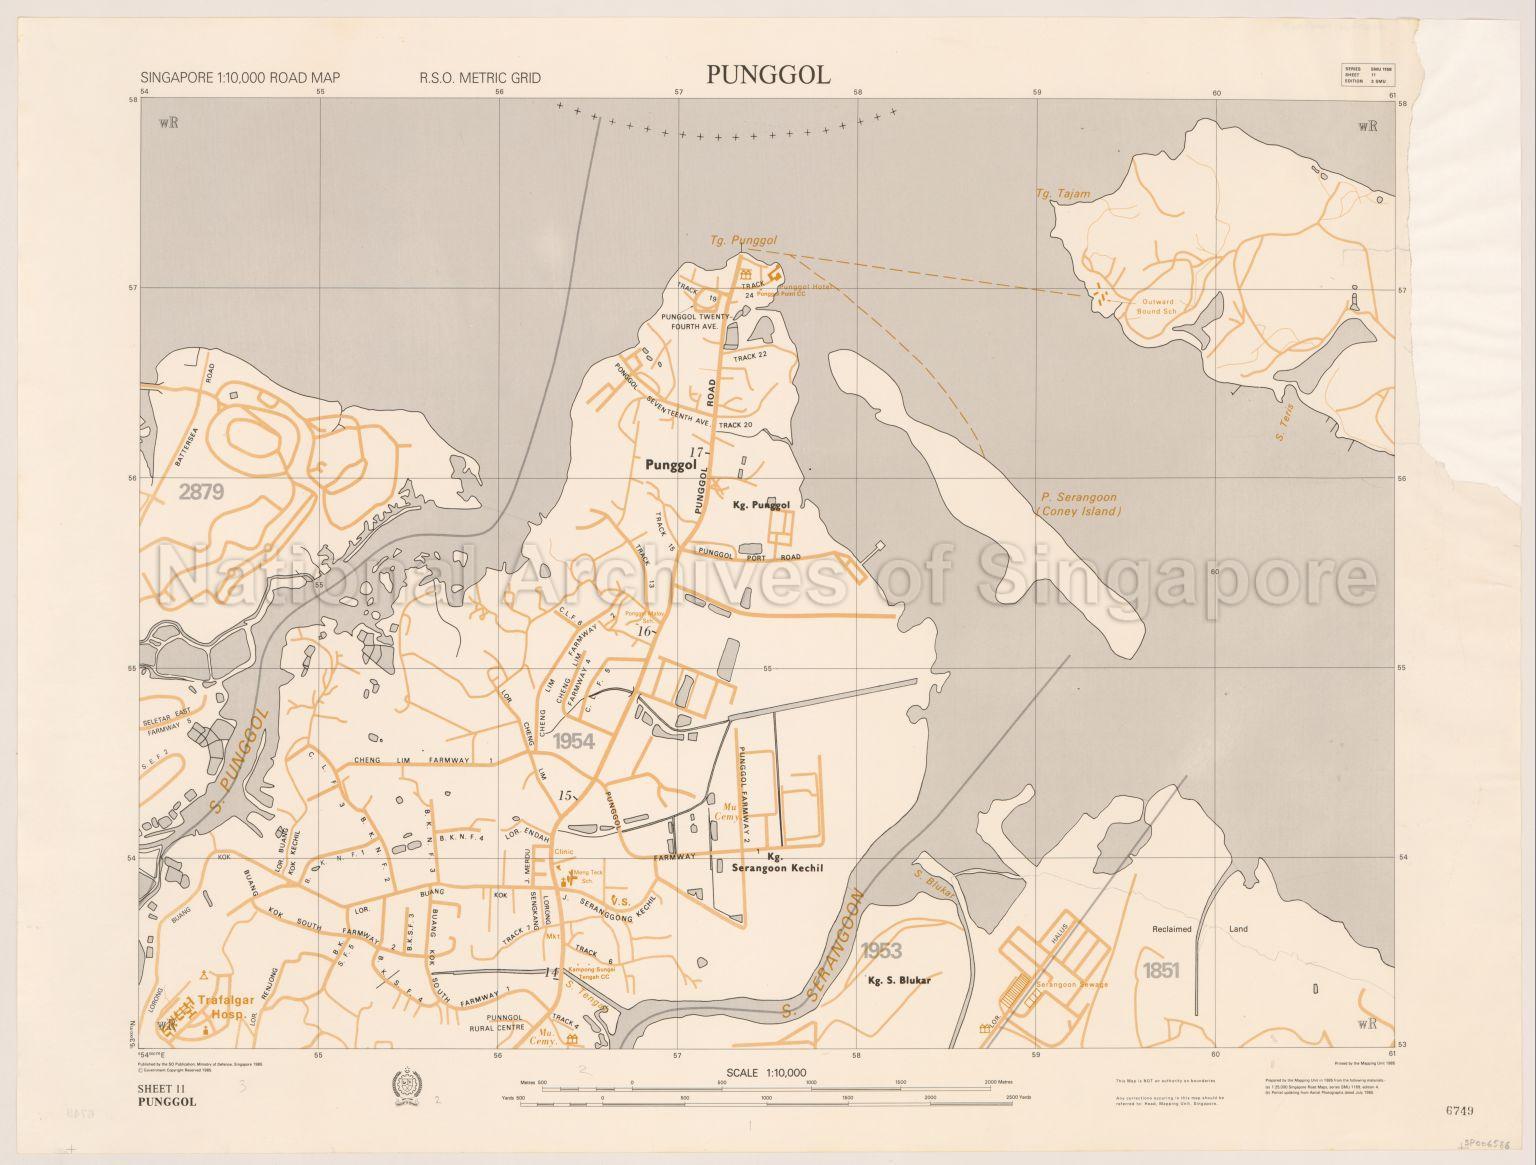 Singapore Road Map. Punggol